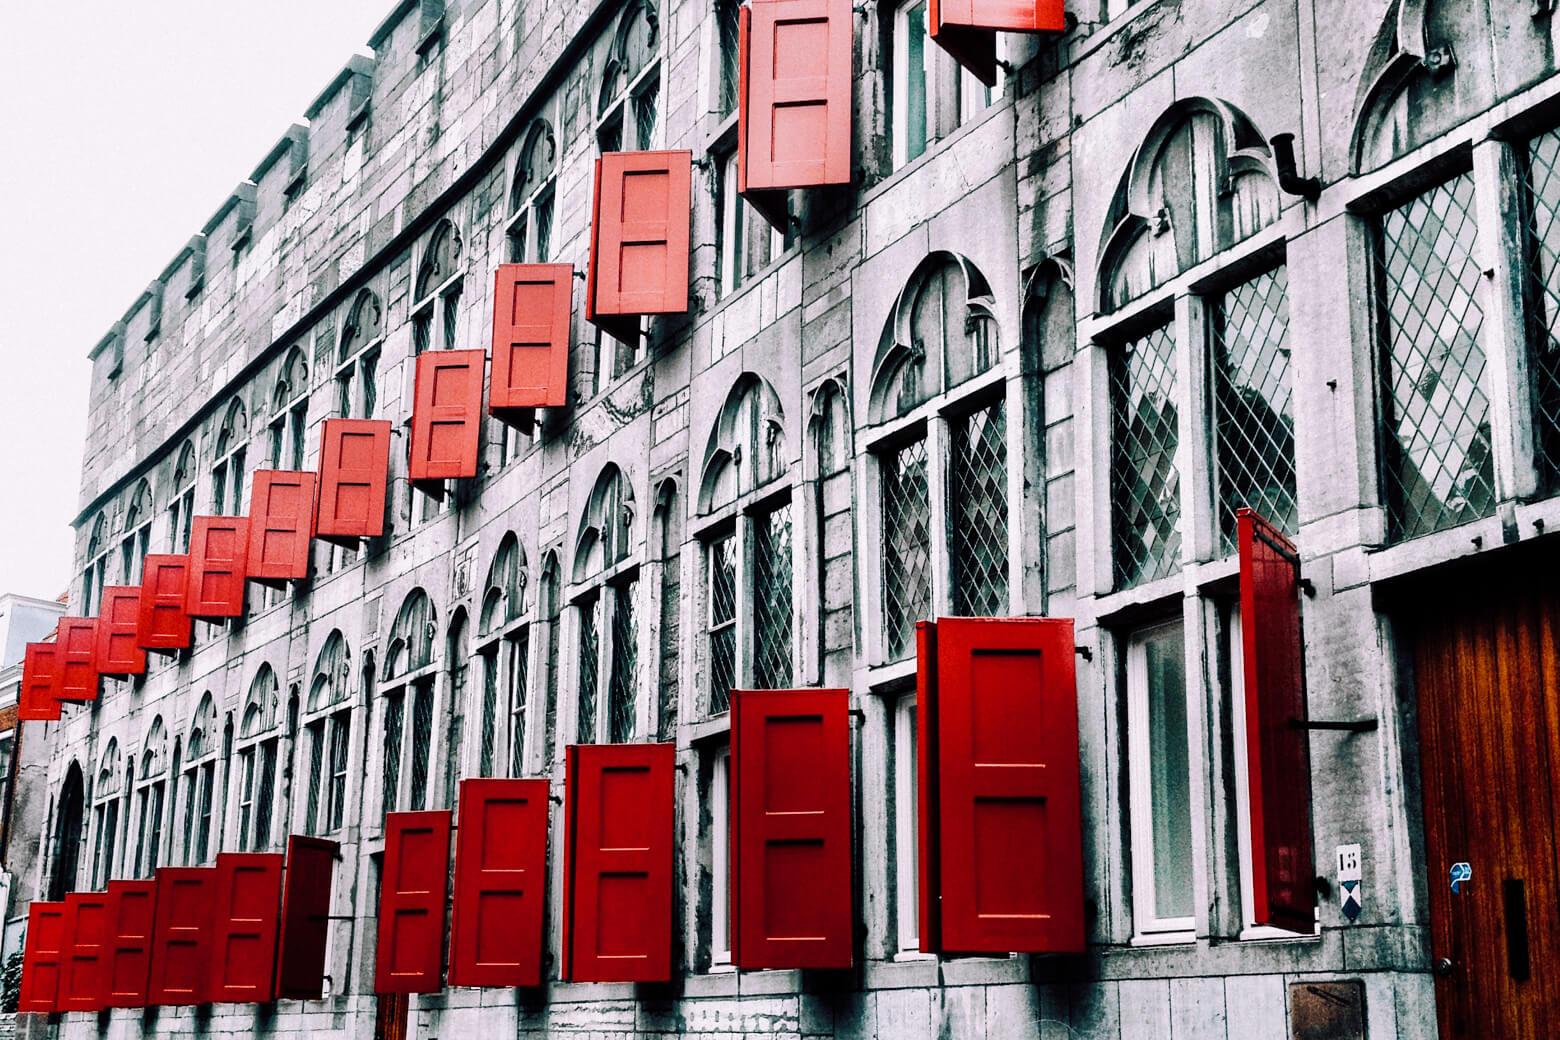 Utrecht Red Shutters